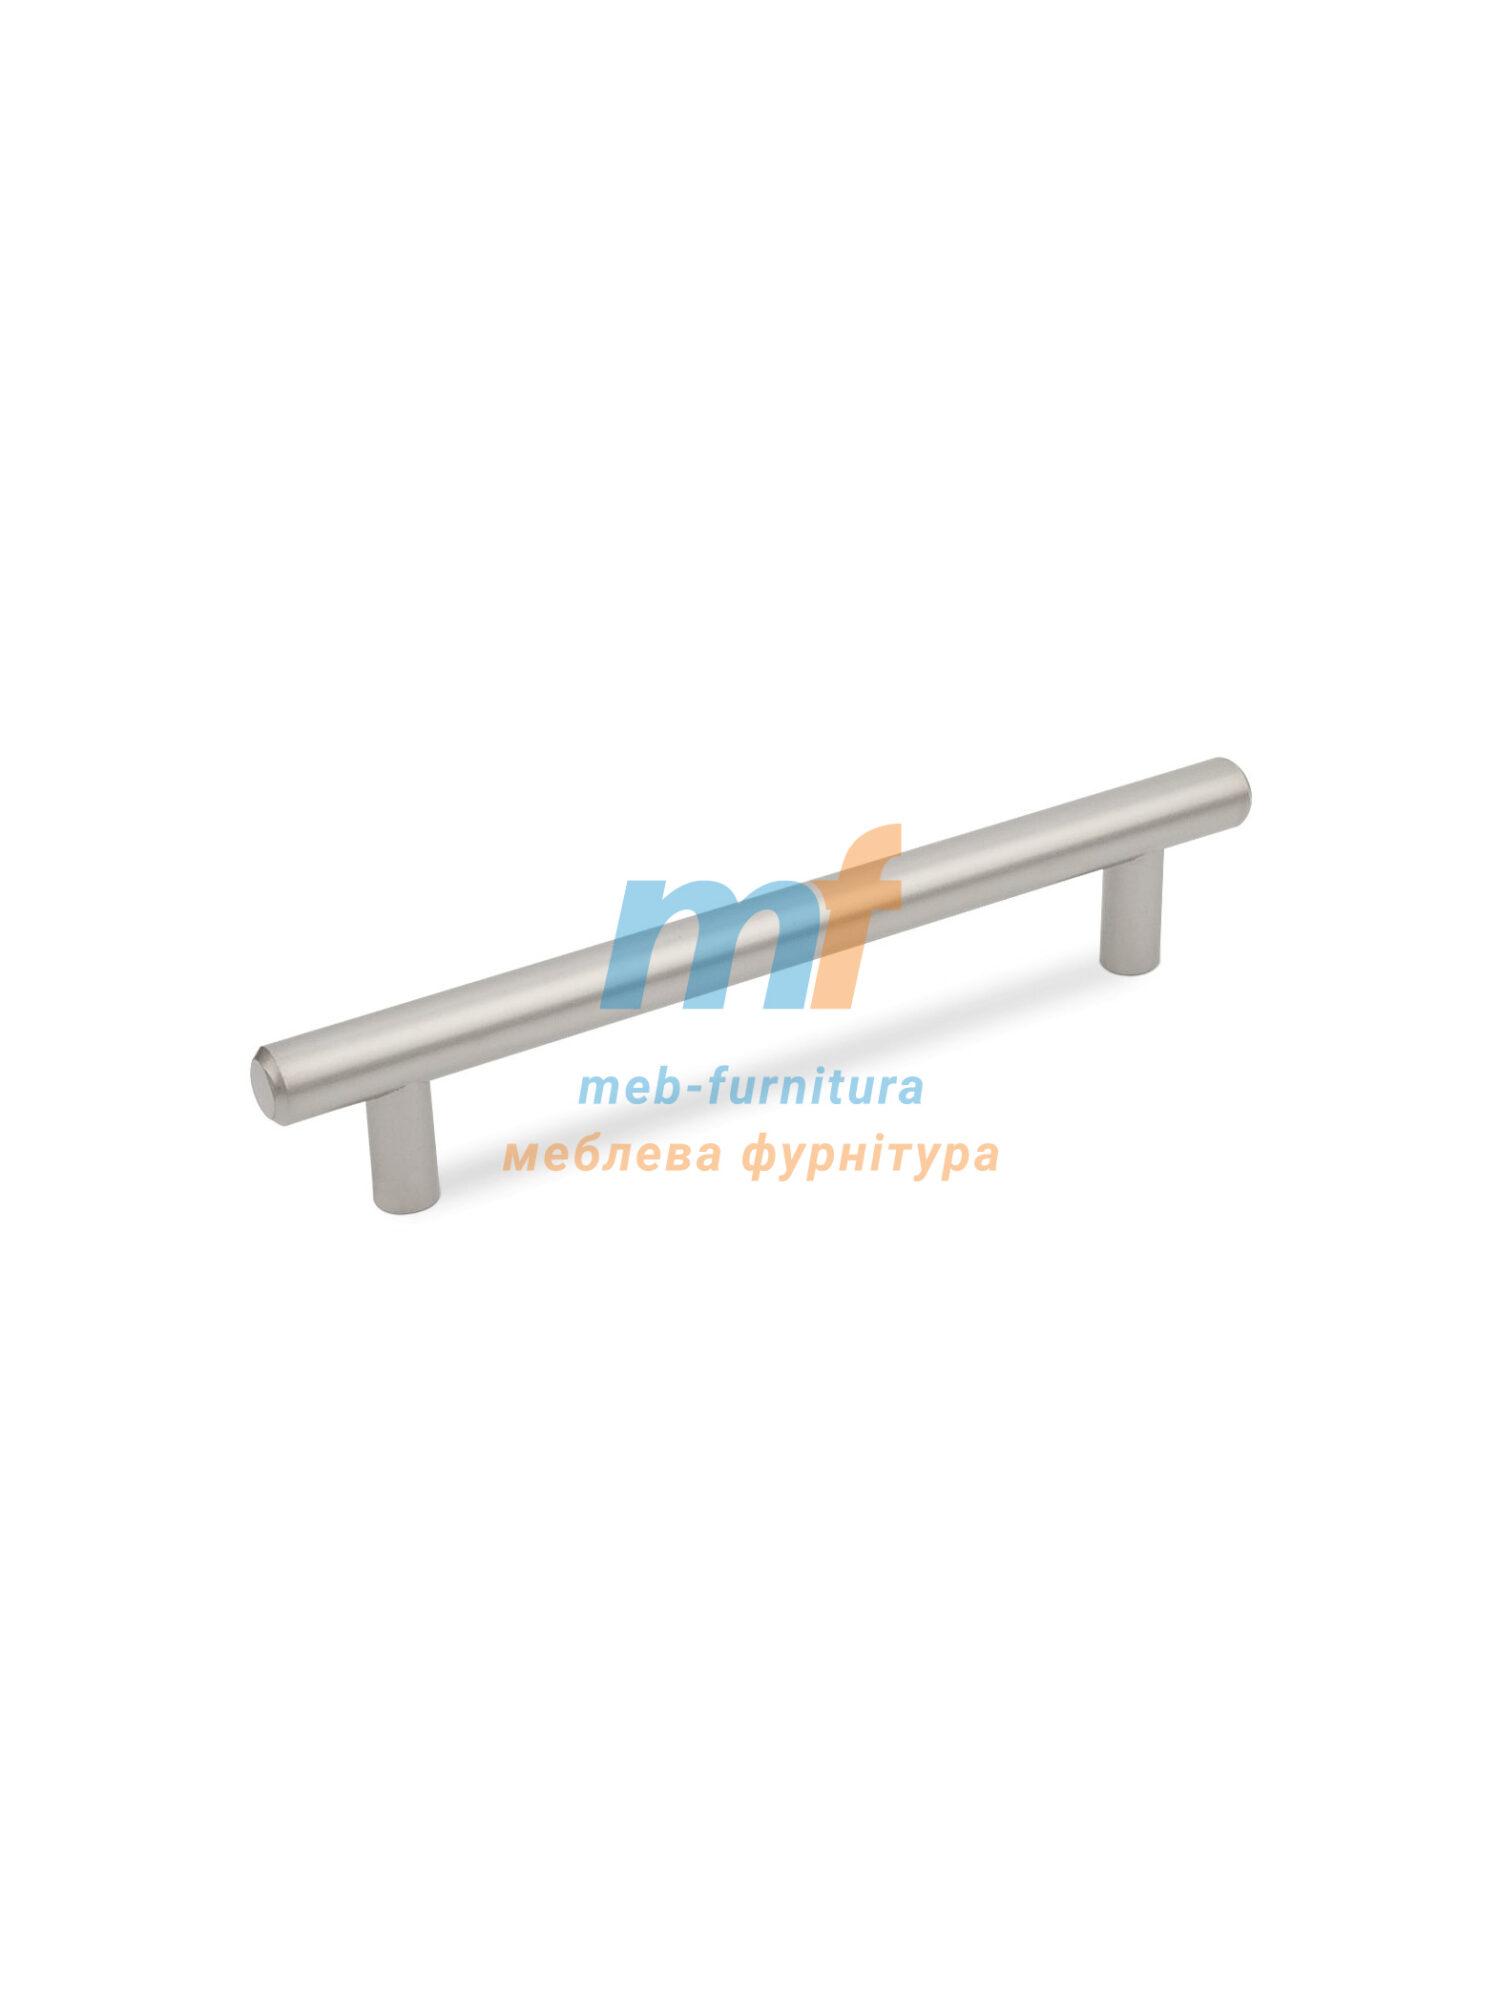 Ручка мебельная релинг 192мм - сатин